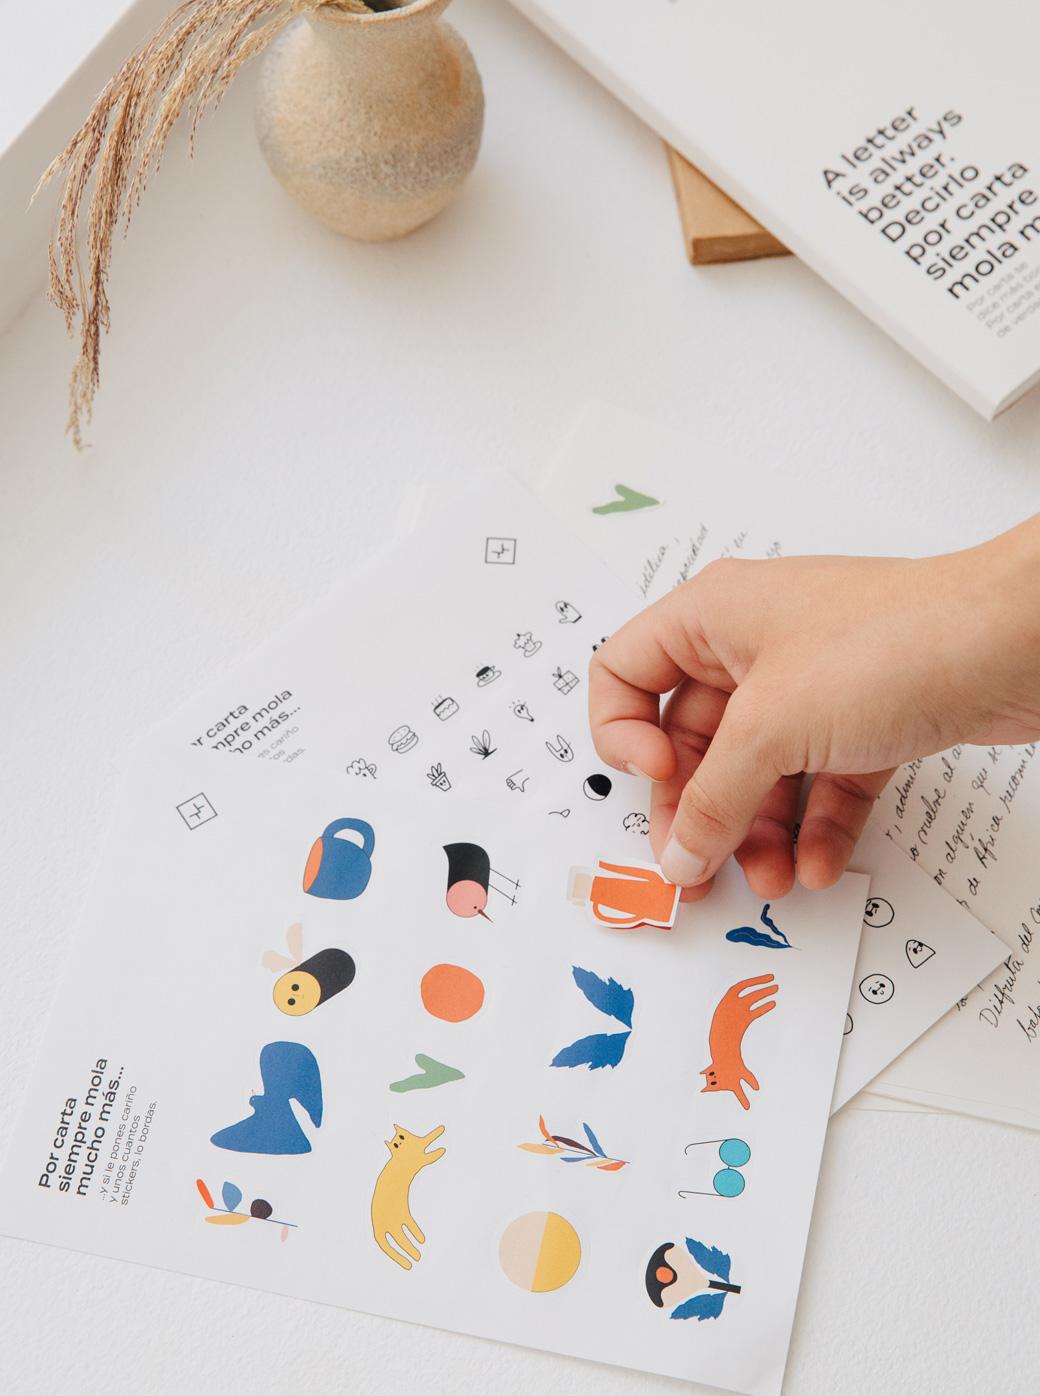 Pegatinas distintas emociones del set Conecta - Better by Letter